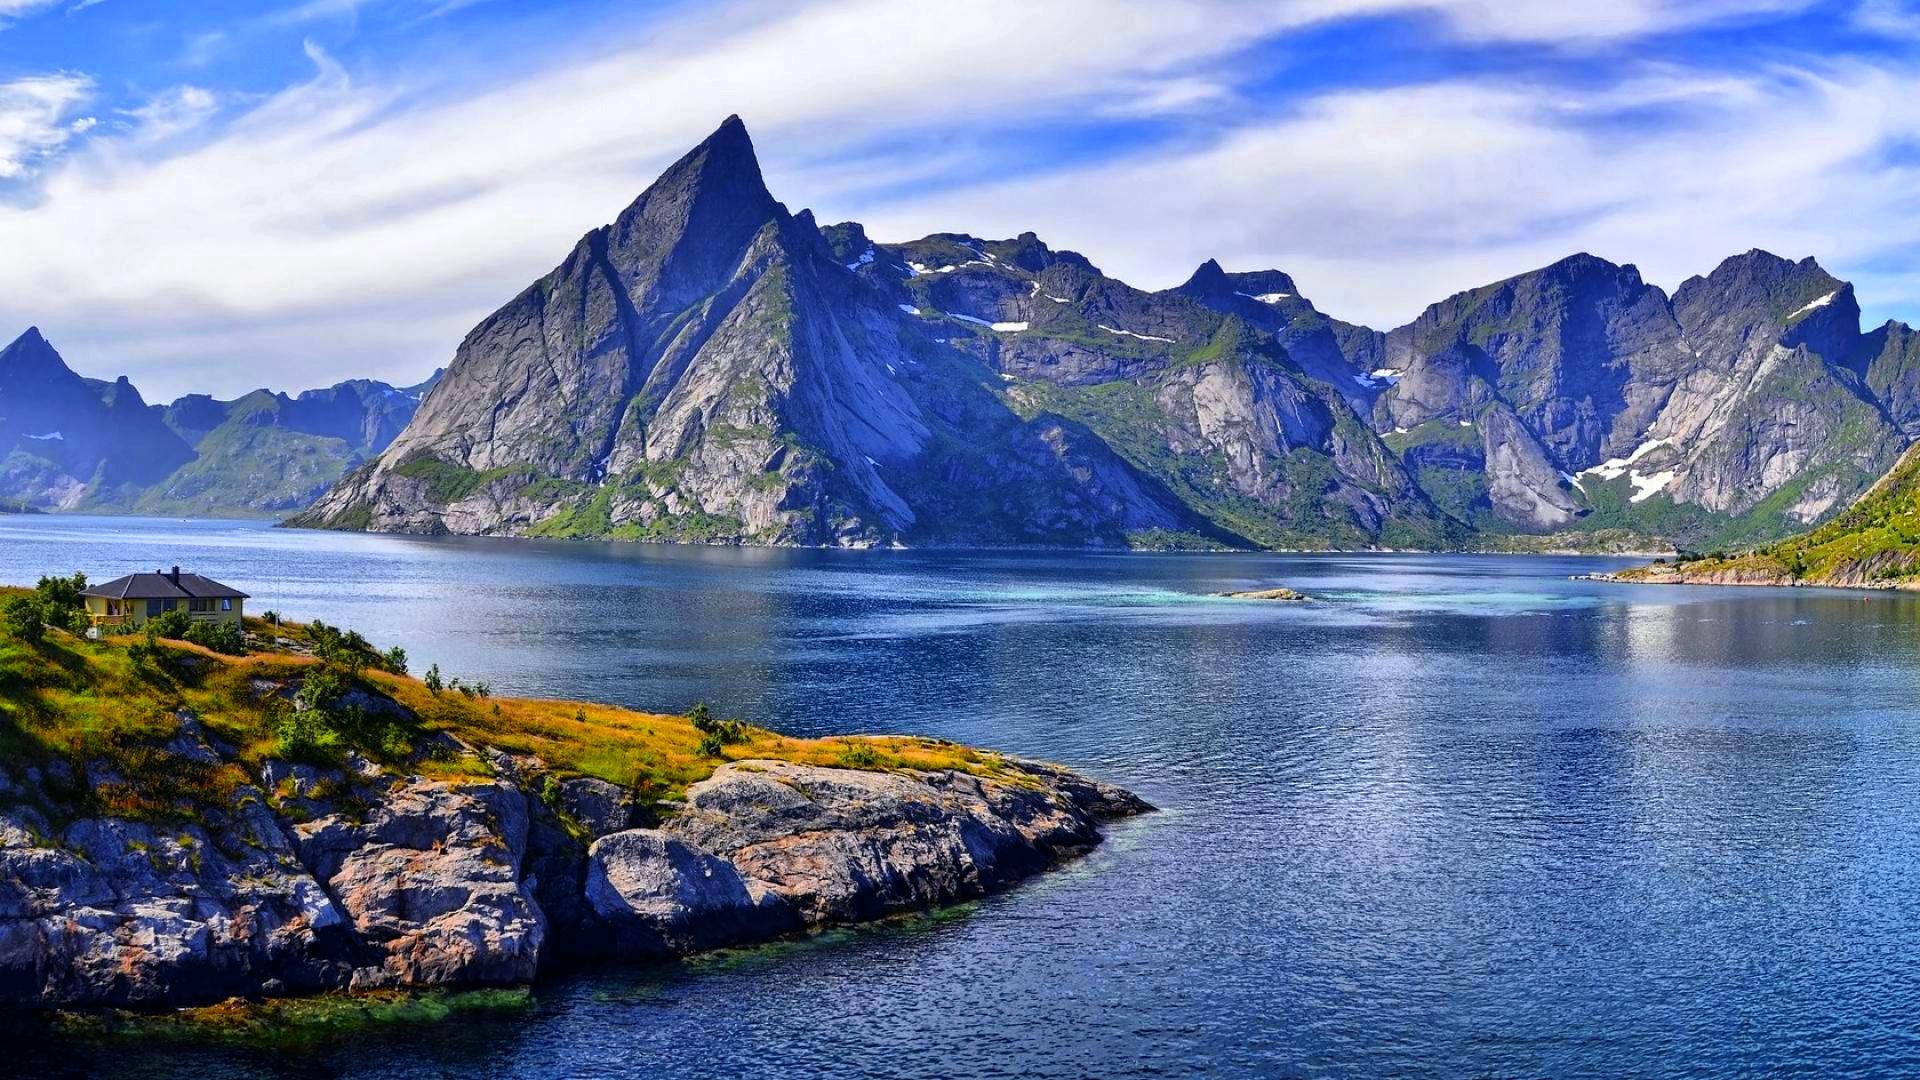 lovely mountain wallpaper 40969